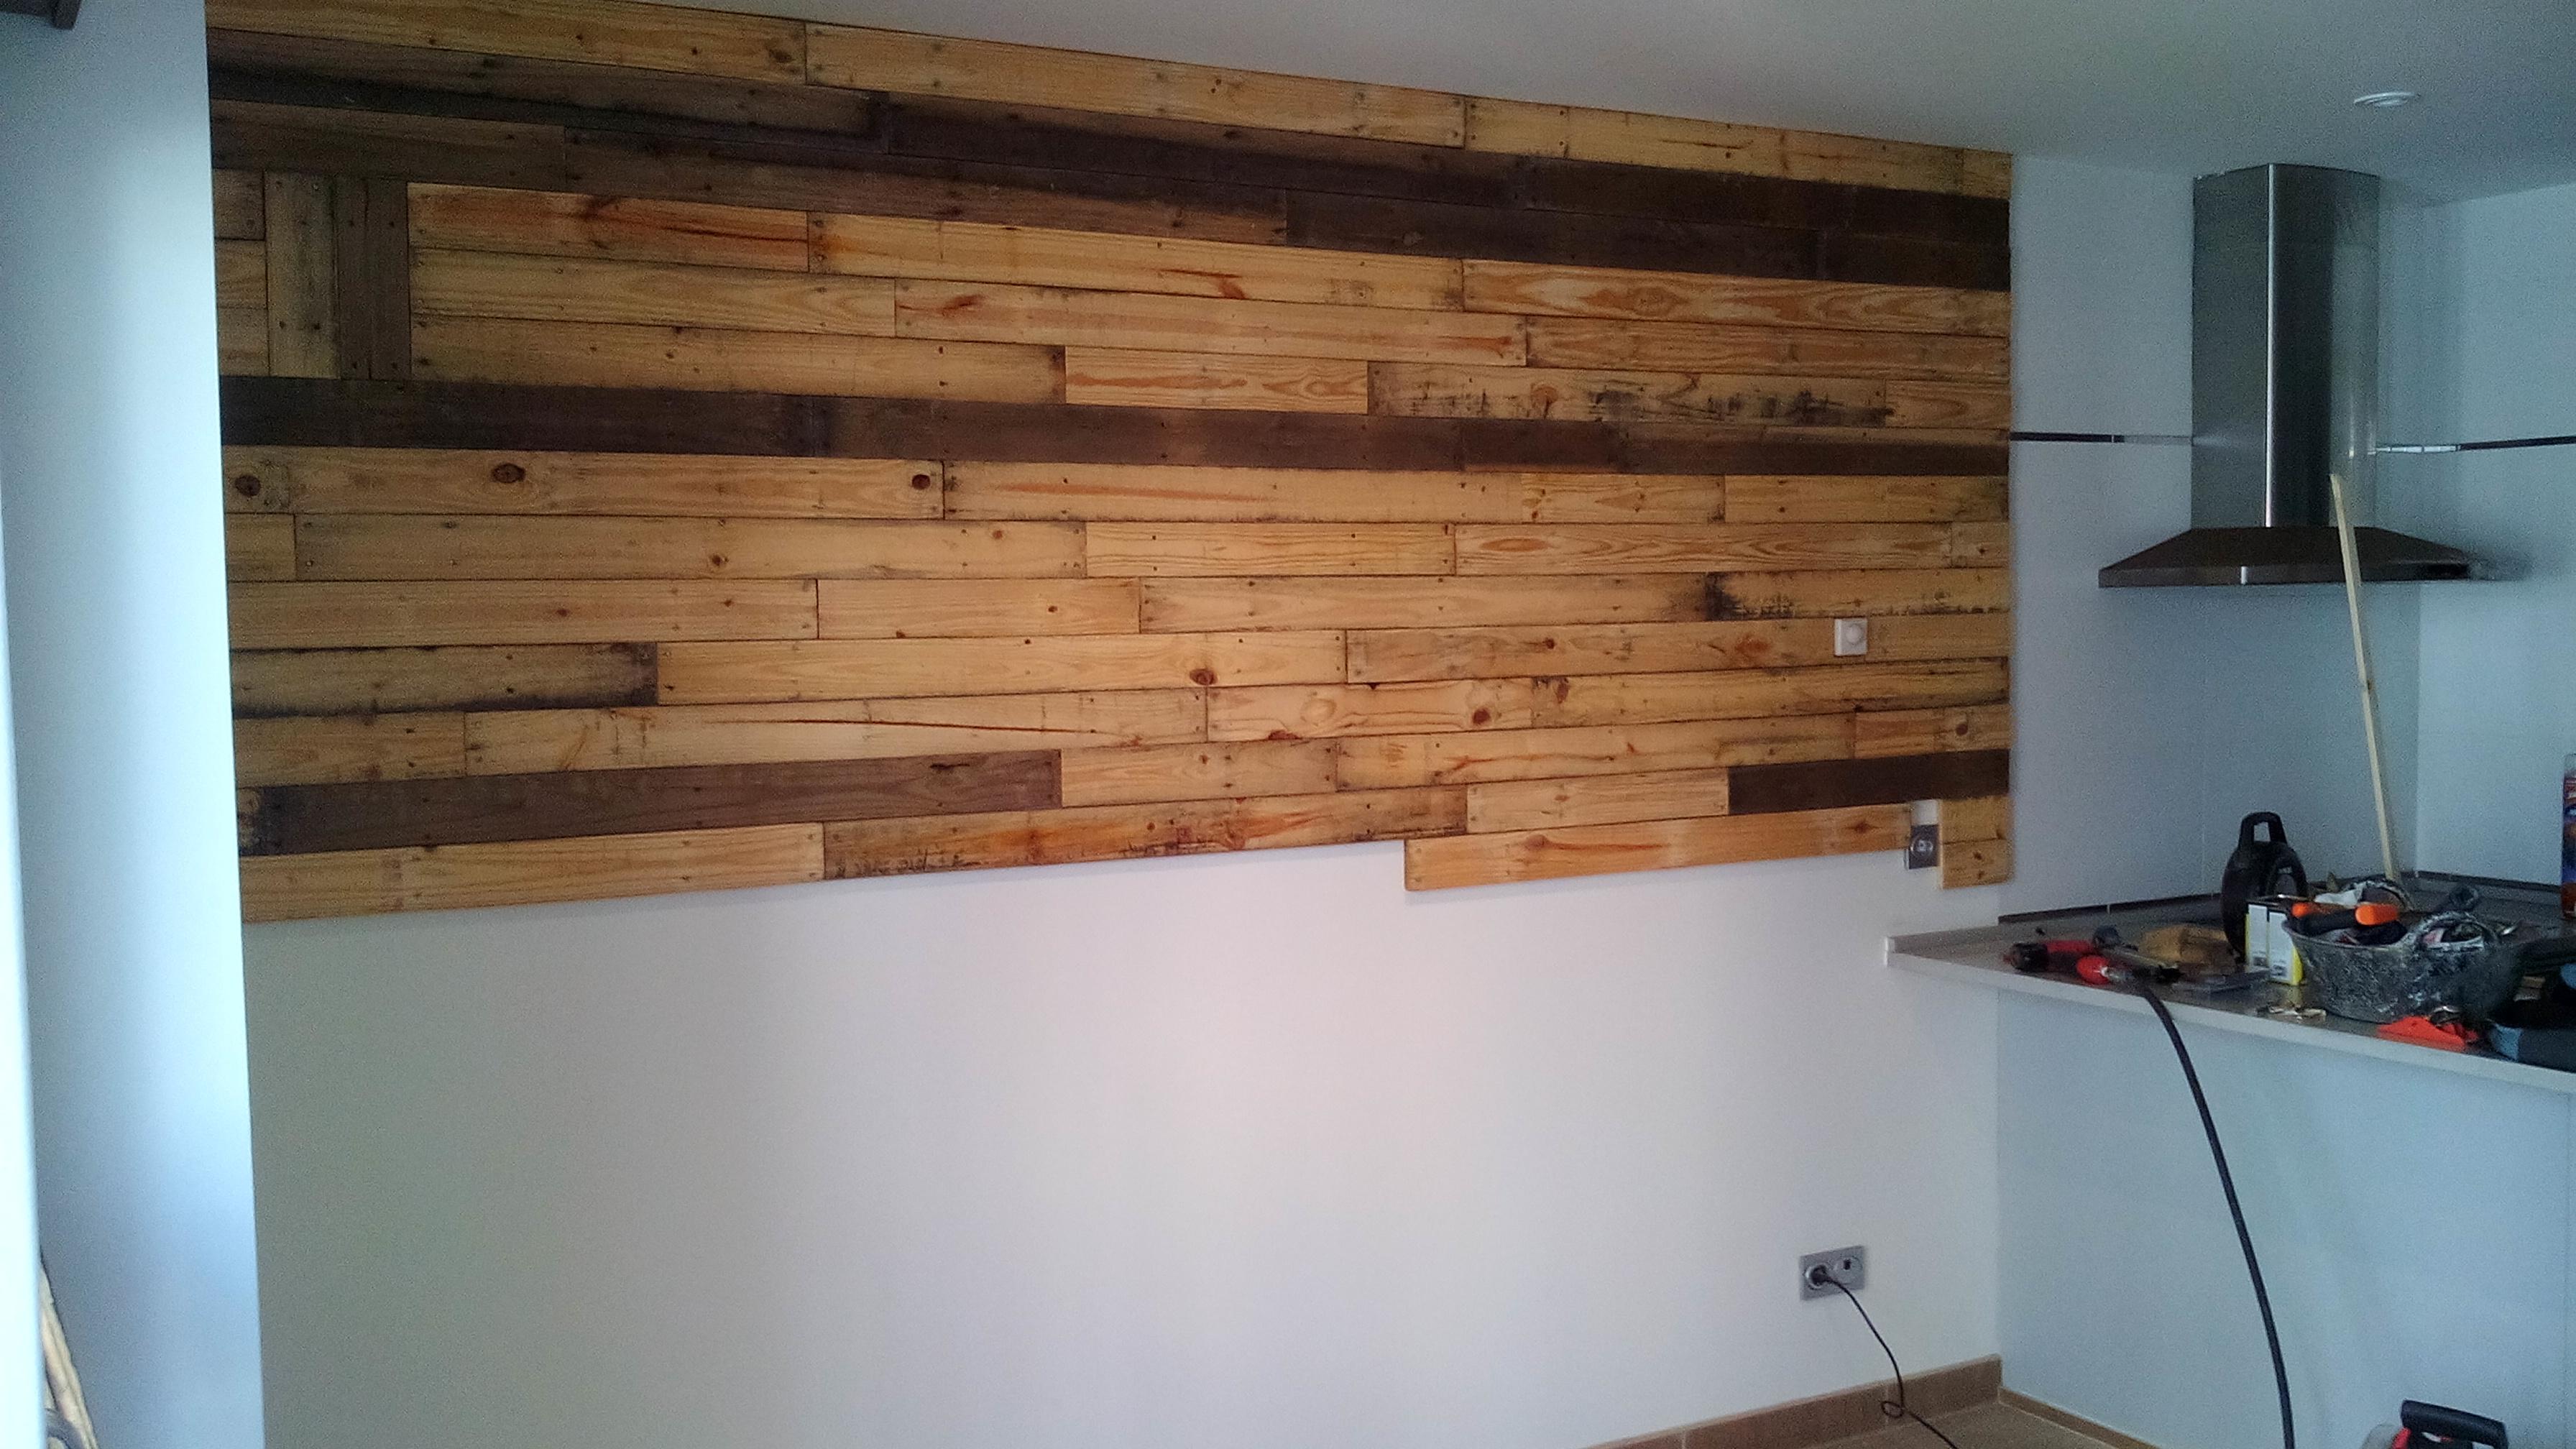 El antes y despues como revestir una pared con palets - Revestir paredes con madera ...